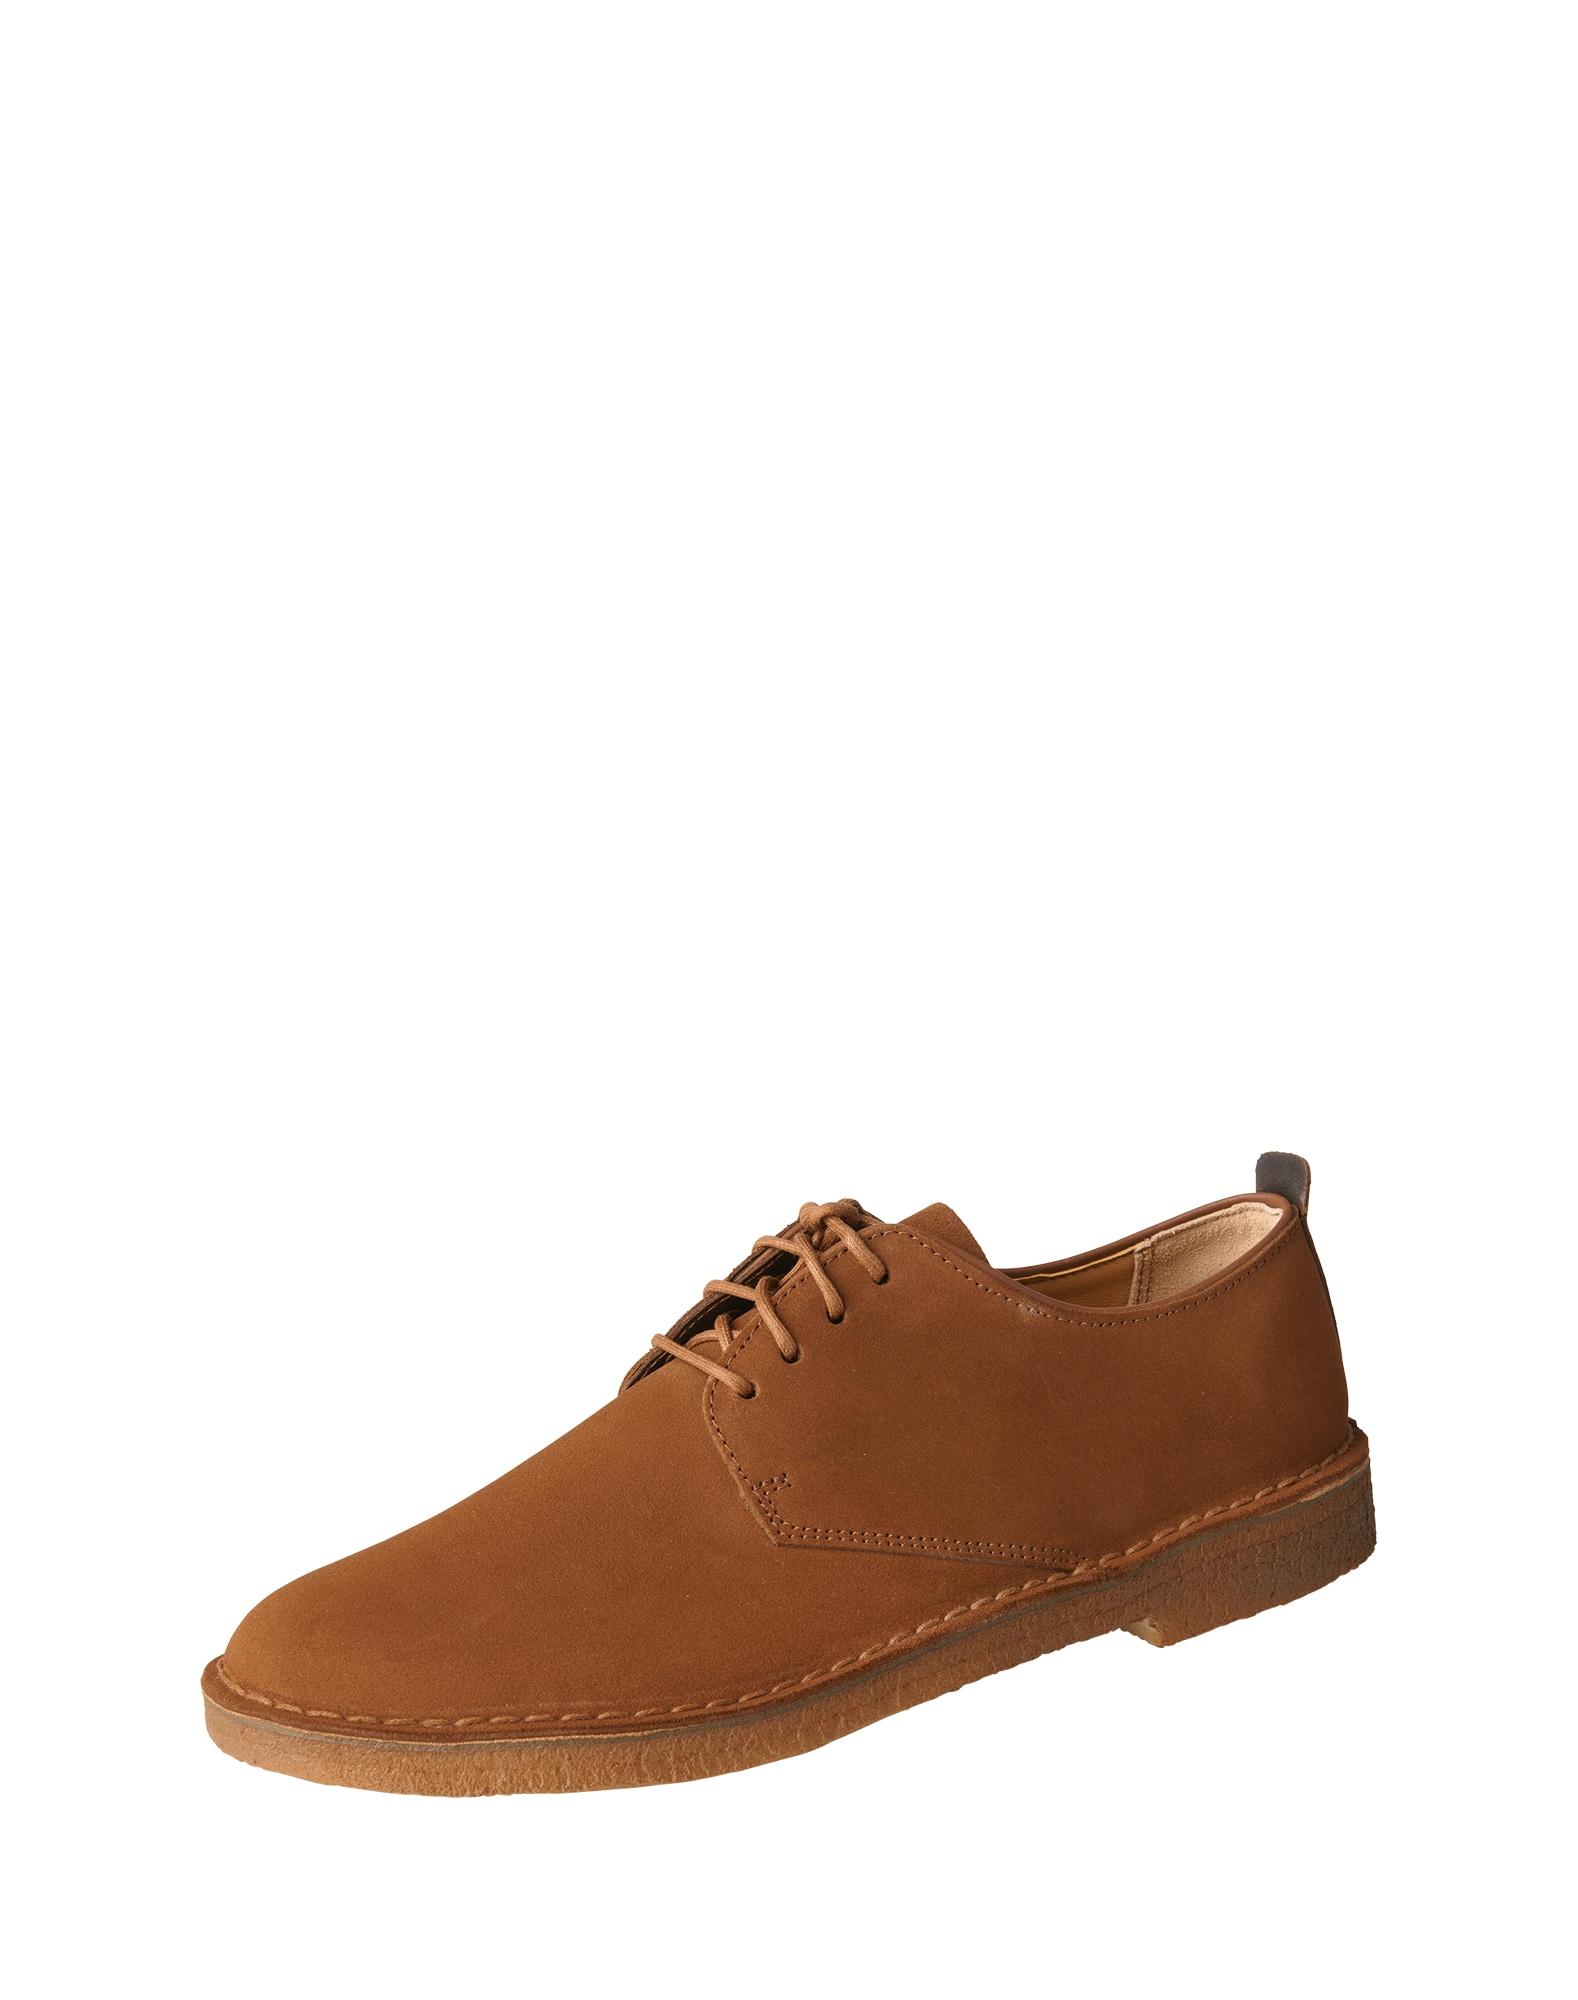 Šněrovací boty Desert London koňaková Clarks Originals